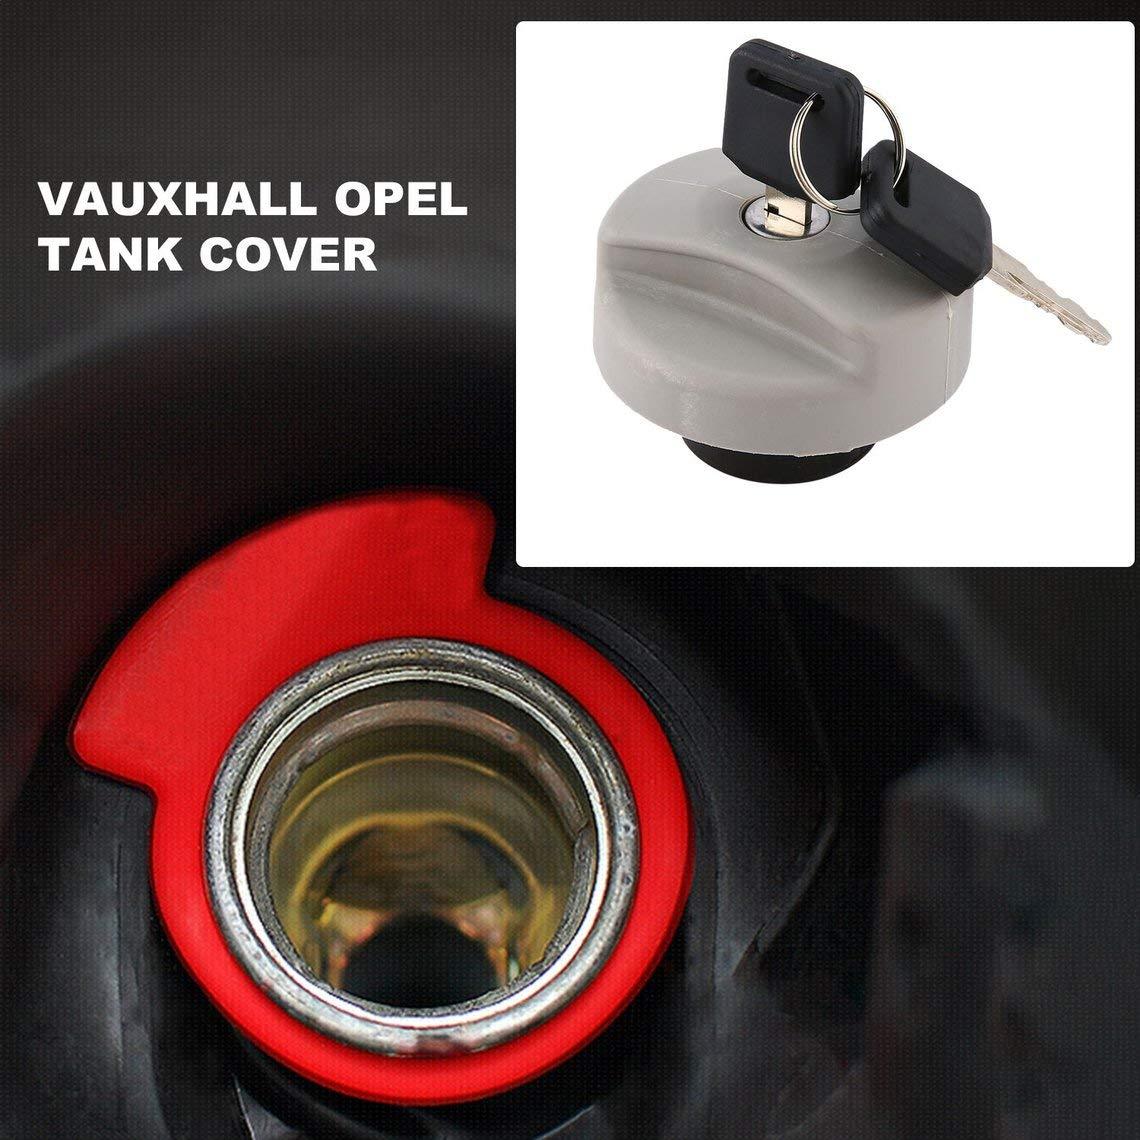 Couvercle de r/éservoir de carburant de voiture pour Vauxhalls pour les pi/èces ext/érieures dautomobiles Opels